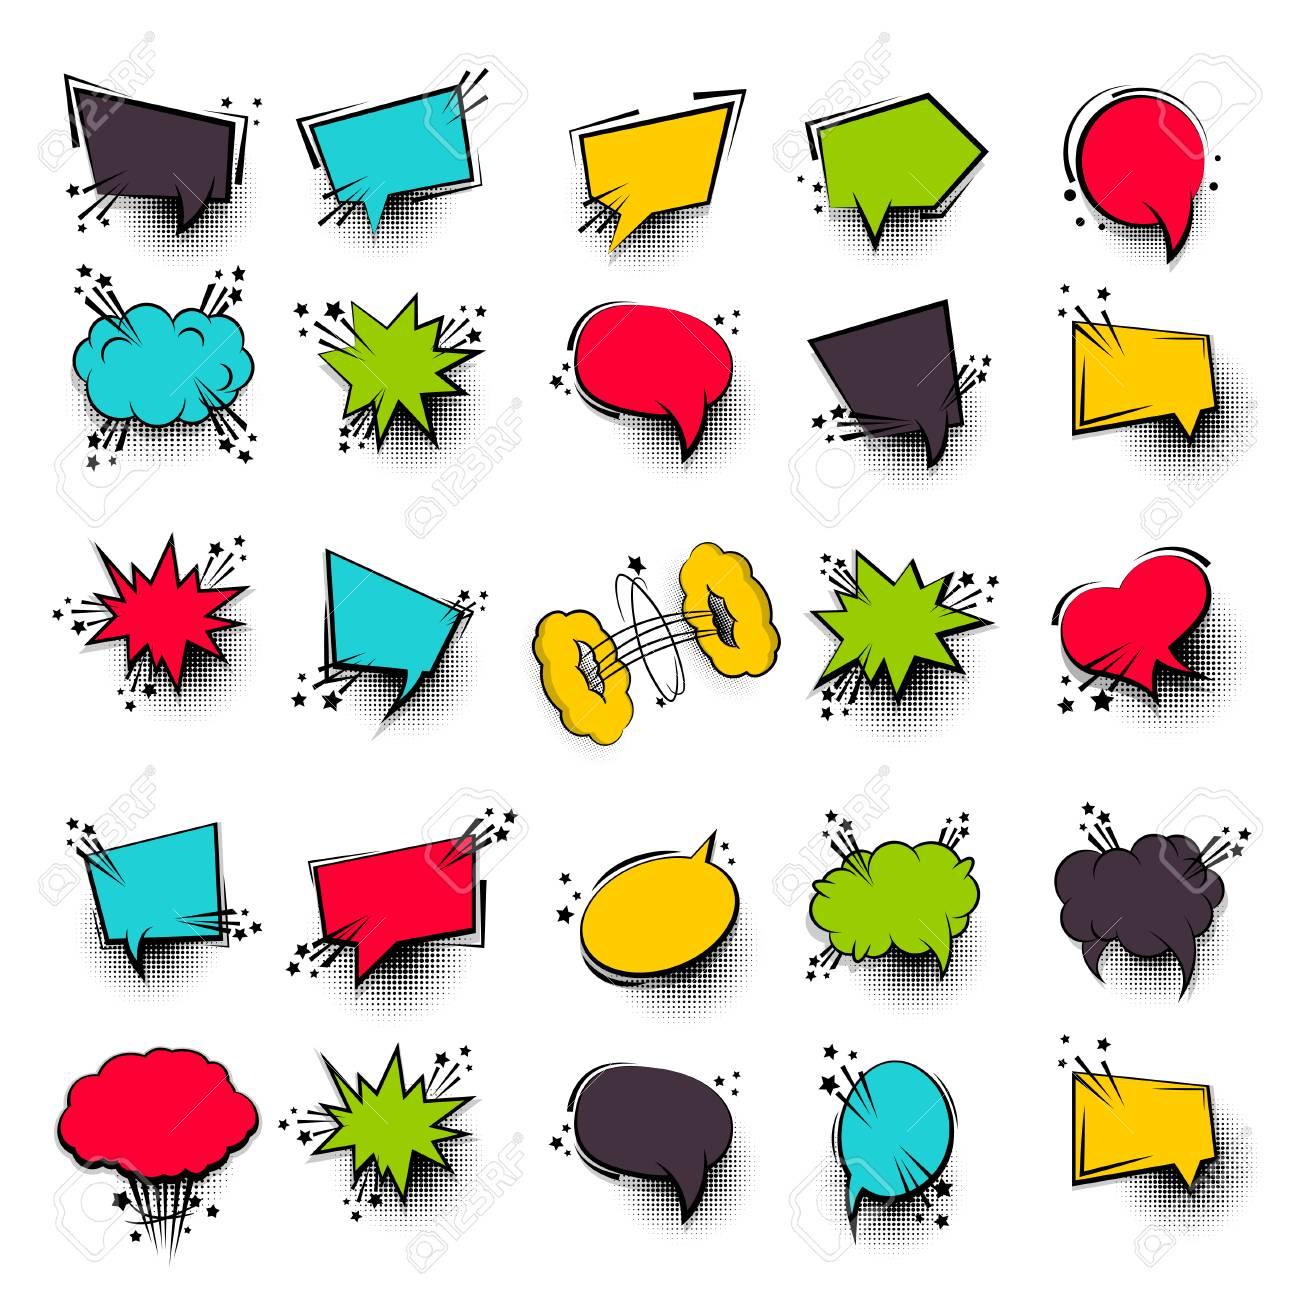 Divertido Conjunto 25 Cuadro De Diálogo De Texto De Dibujos Animados De Cómic Nube Vacía De Color Banner De Venta Burbuja En Blanco Colorida Del